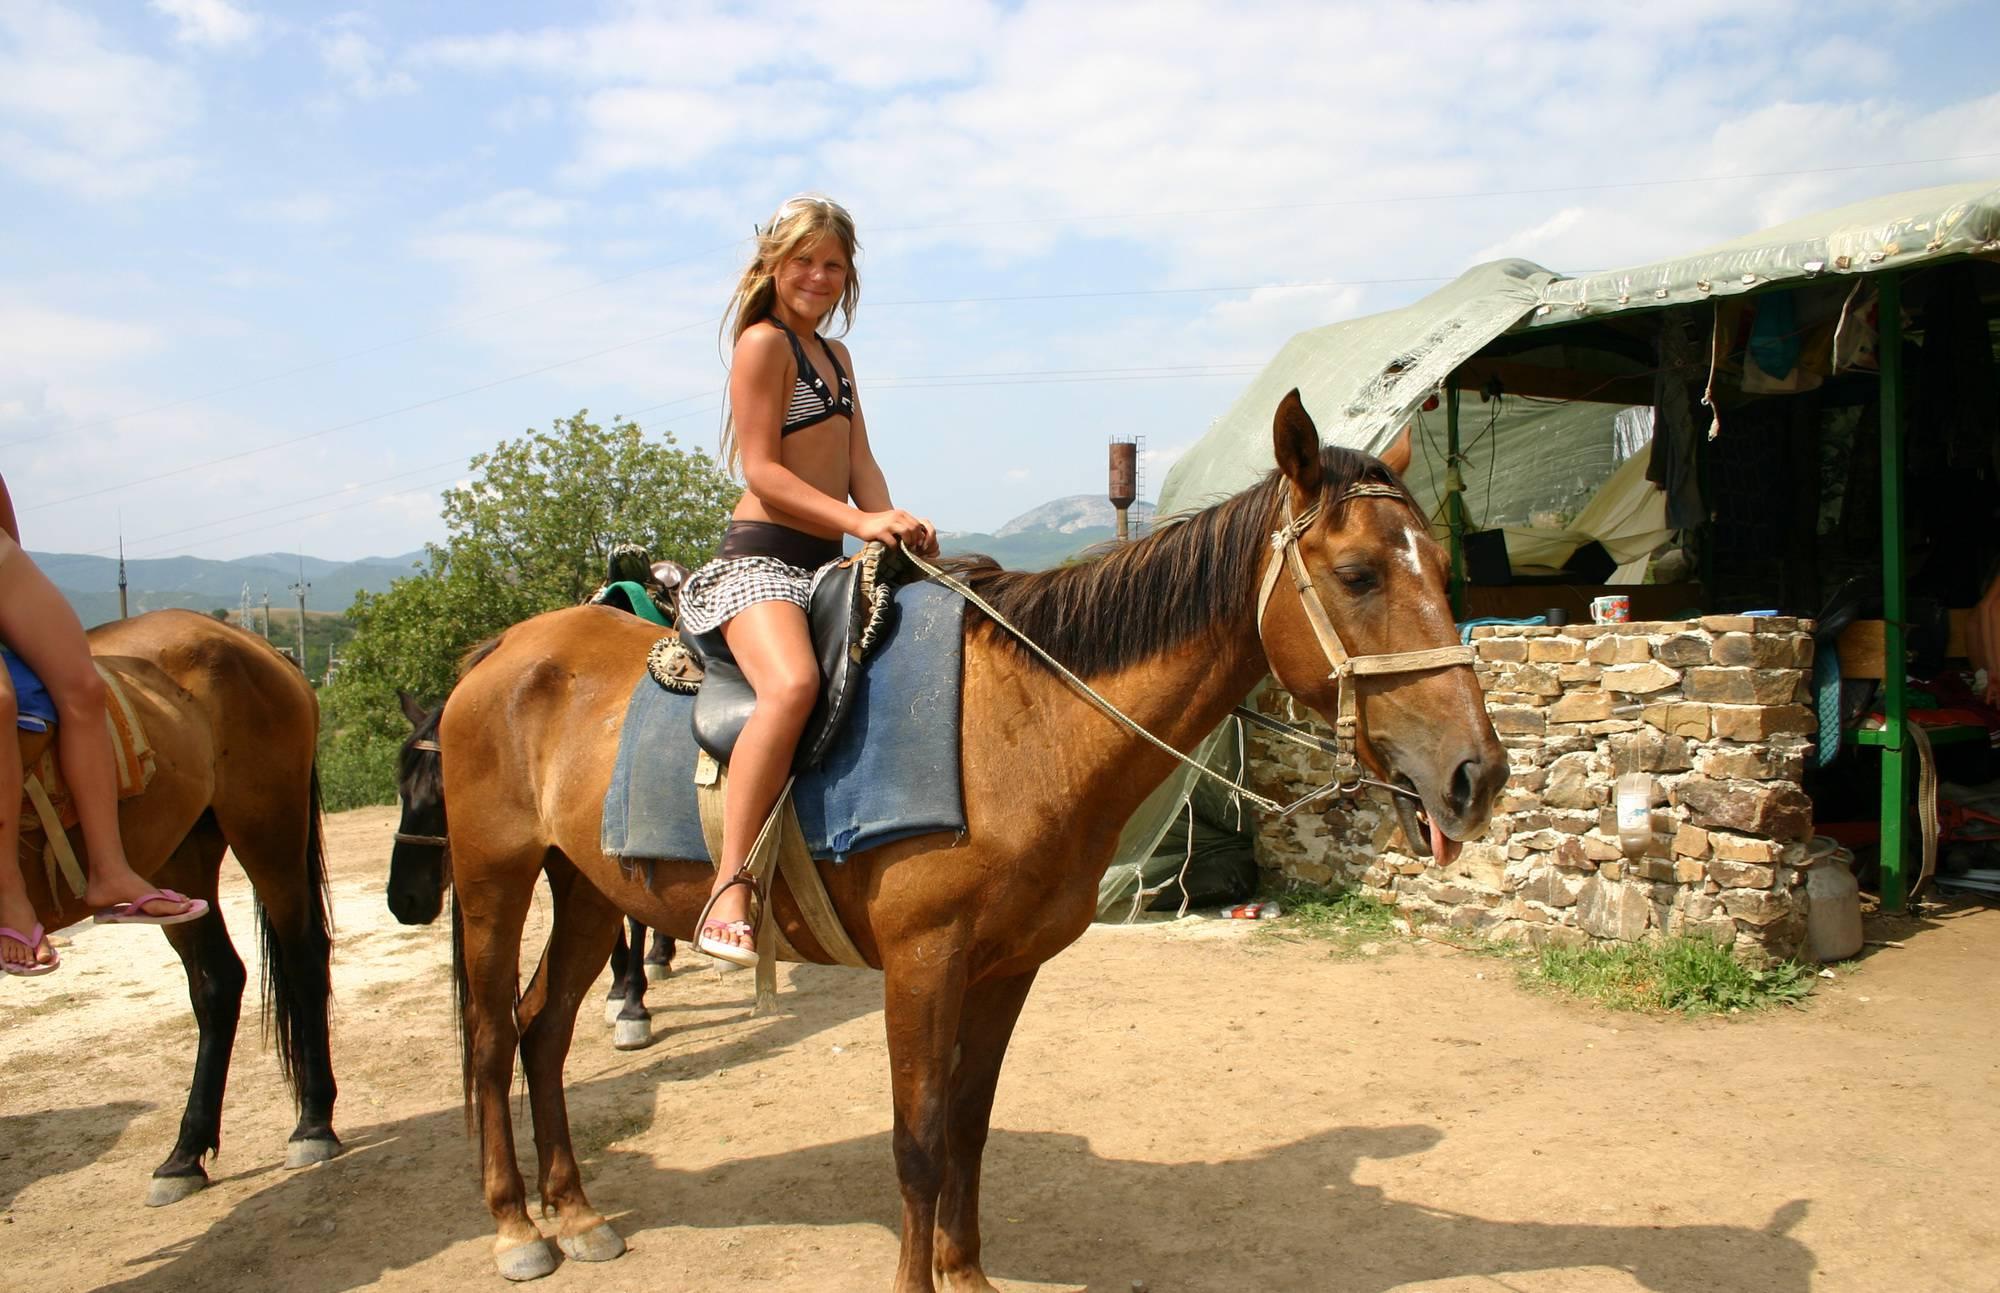 Purenudism Pics Horses Close and Personal - 2